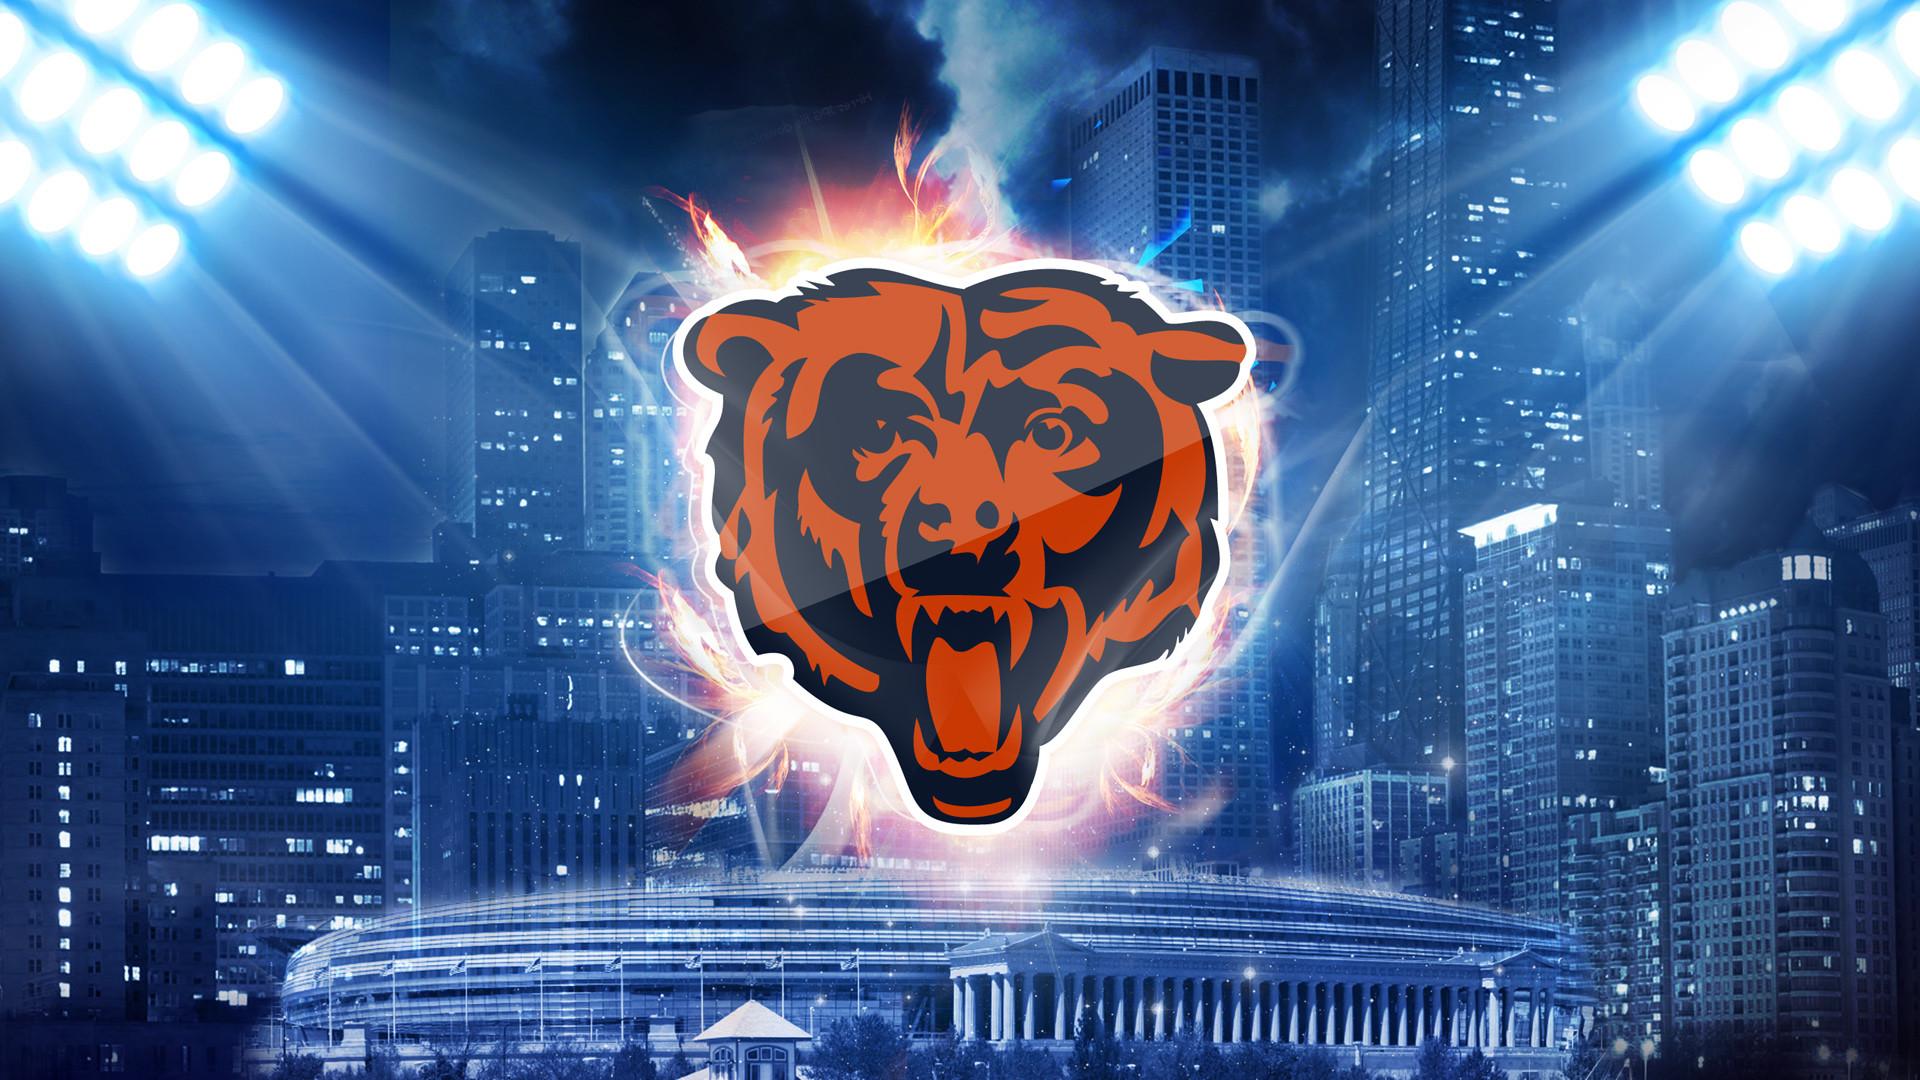 Chicago Bears Wallpaper 2017 1